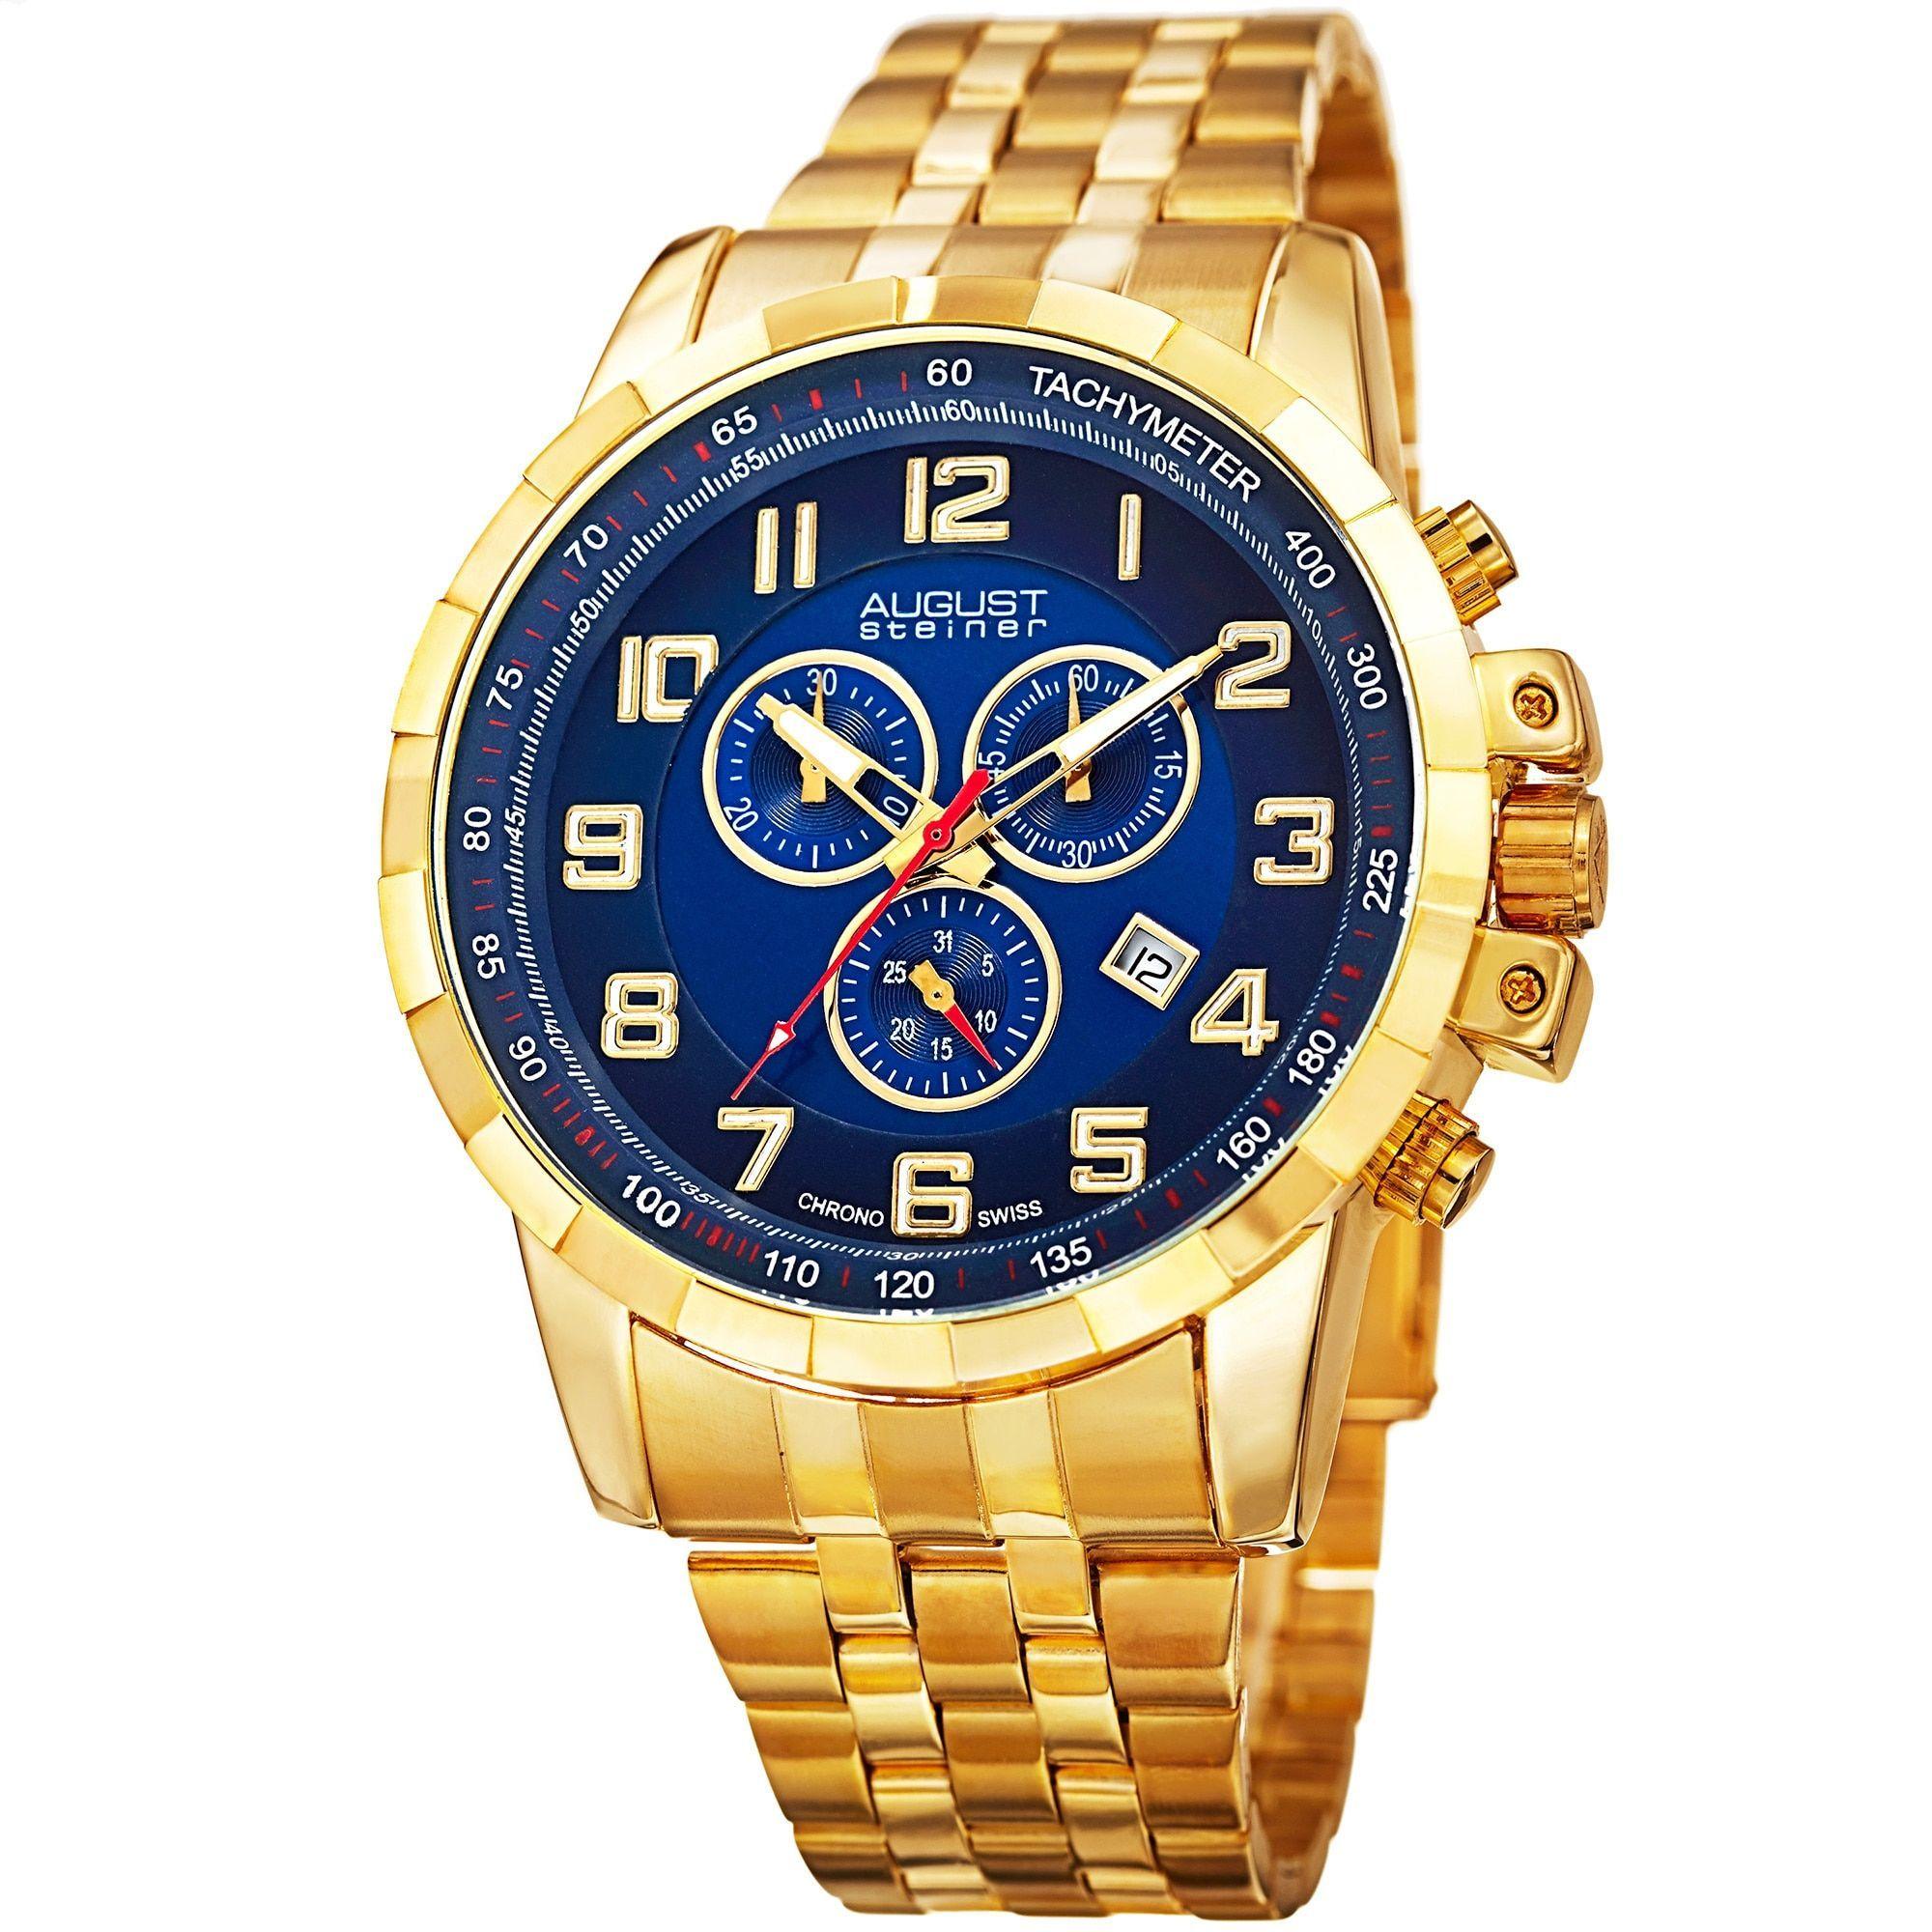 August Steiner Men's Swiss Quartz Chronograph Watch with Bracelet